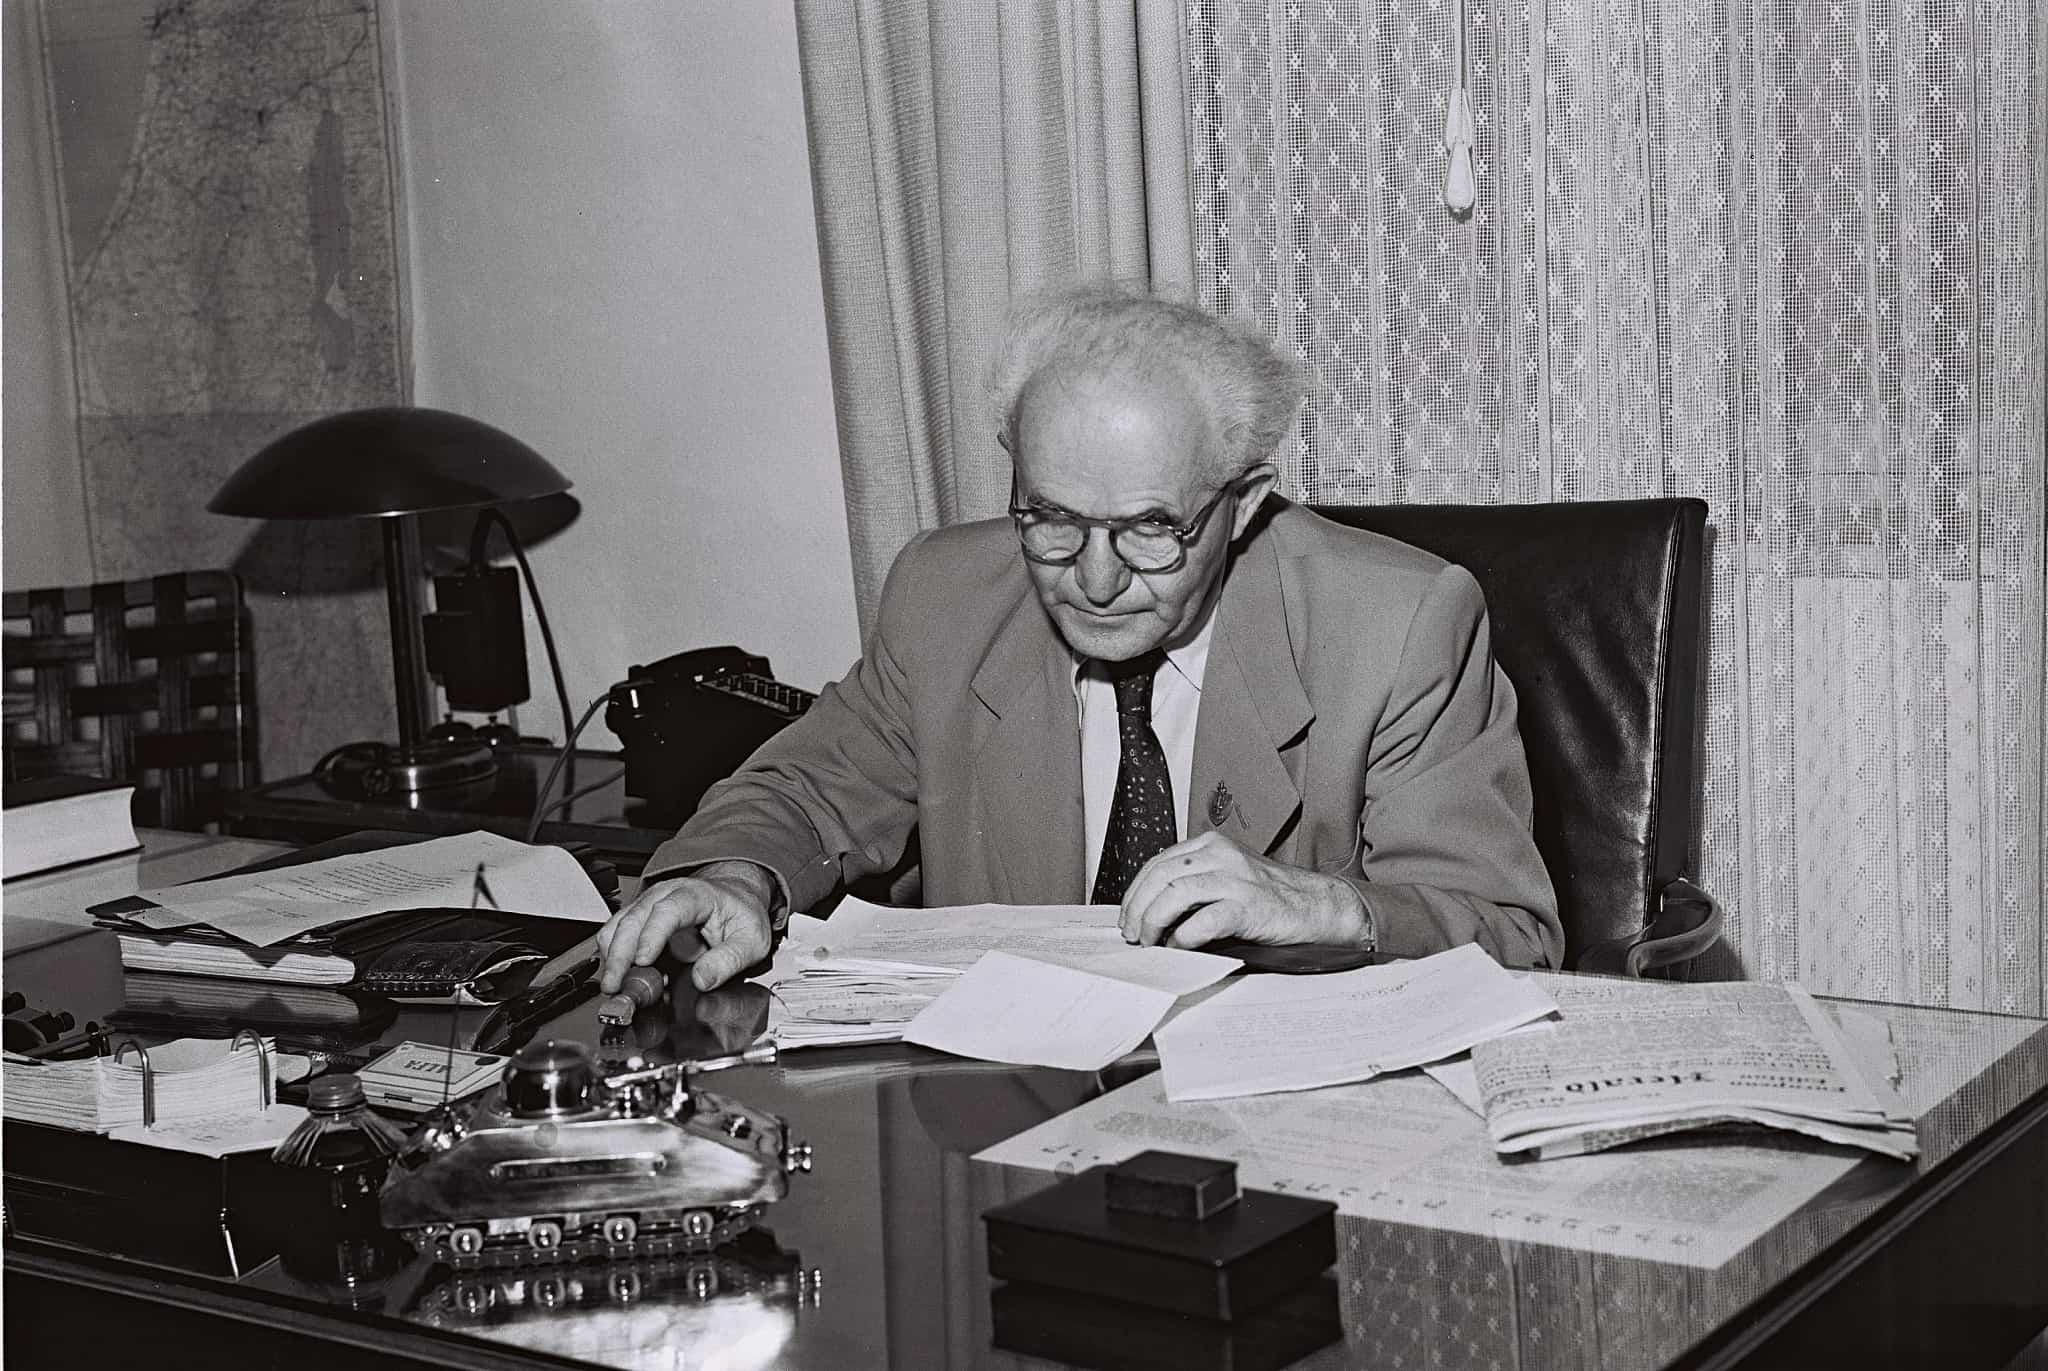 ראש המשלה ושר הביטחון דוד בן-גוריון בלשכתו בקרייה בתל אביב, 1.9.1949 (צילום: לע״מ)